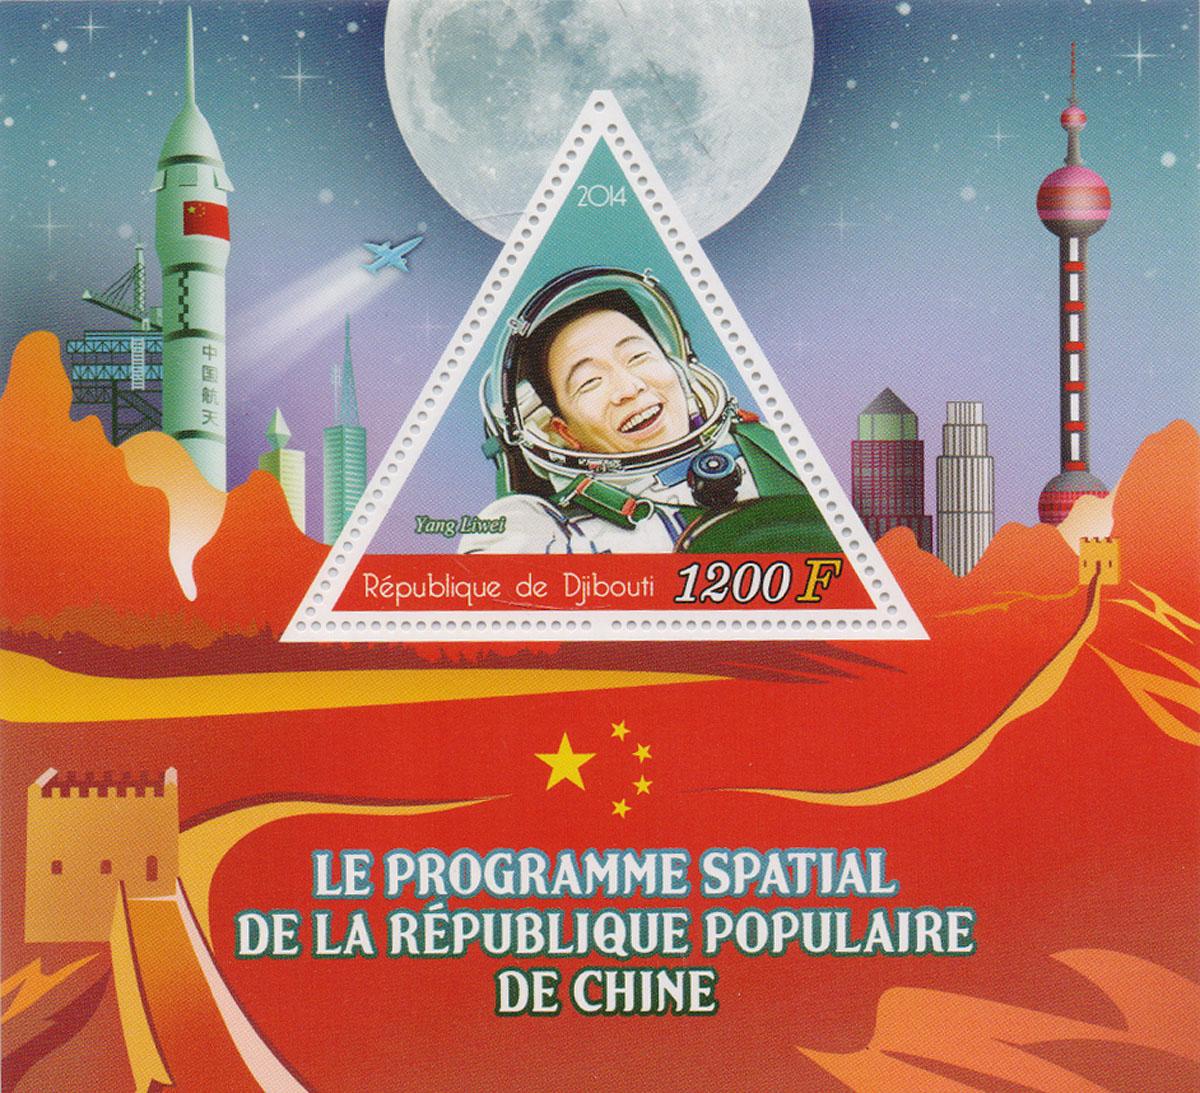 25 Почтовый блок Космическая программа КНР. Джибути, 2014 годМКСПБ 38-2016.25